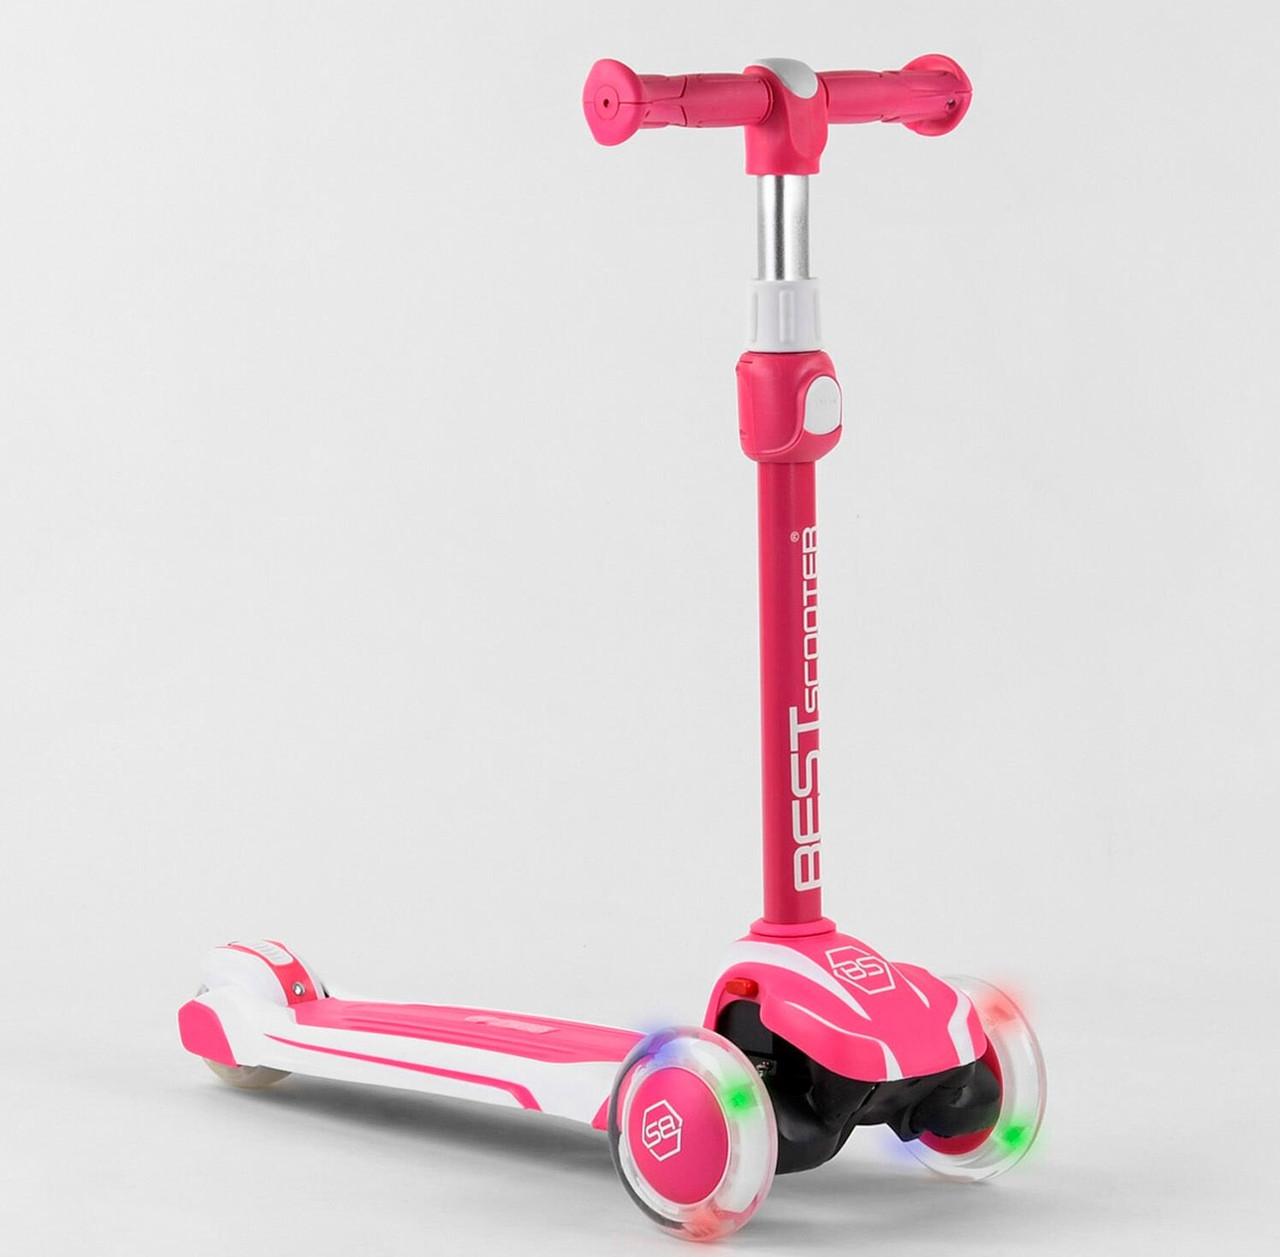 Трехколесный самокат для детей с бесшумными колесами, которые светятся Best Scooter MX-70908 MAXI, розовый